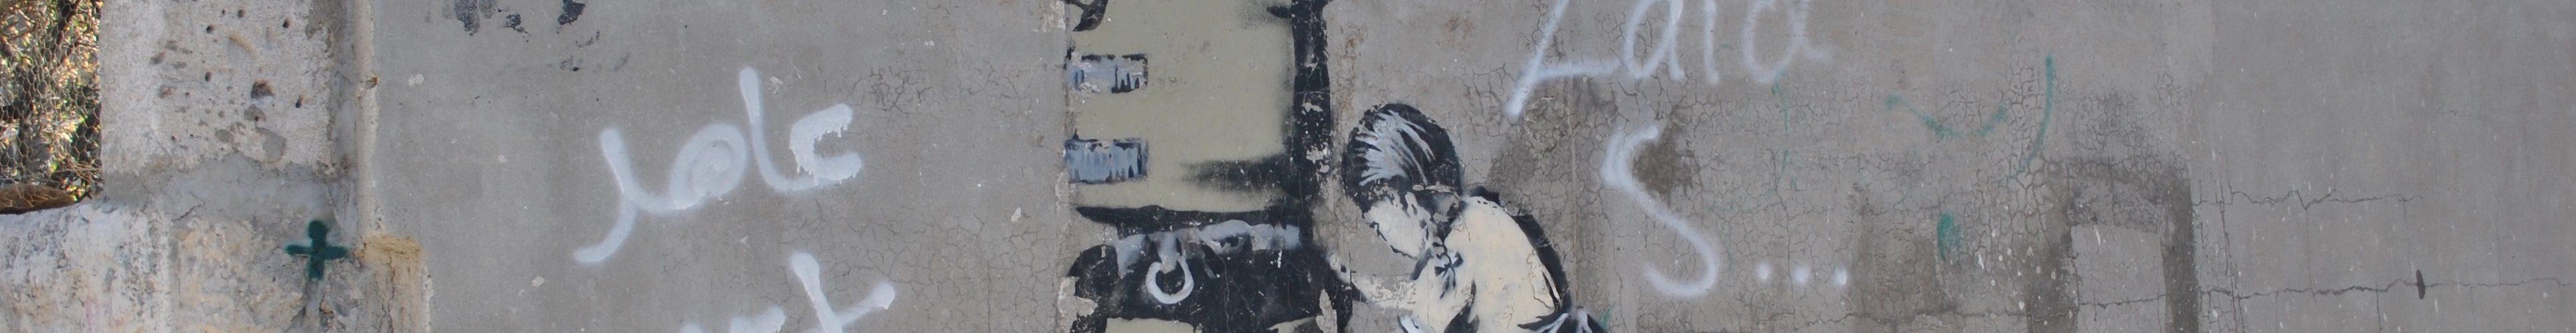 En målning på en mur av en flicka som kroppsvisiterar en israelisk soldat